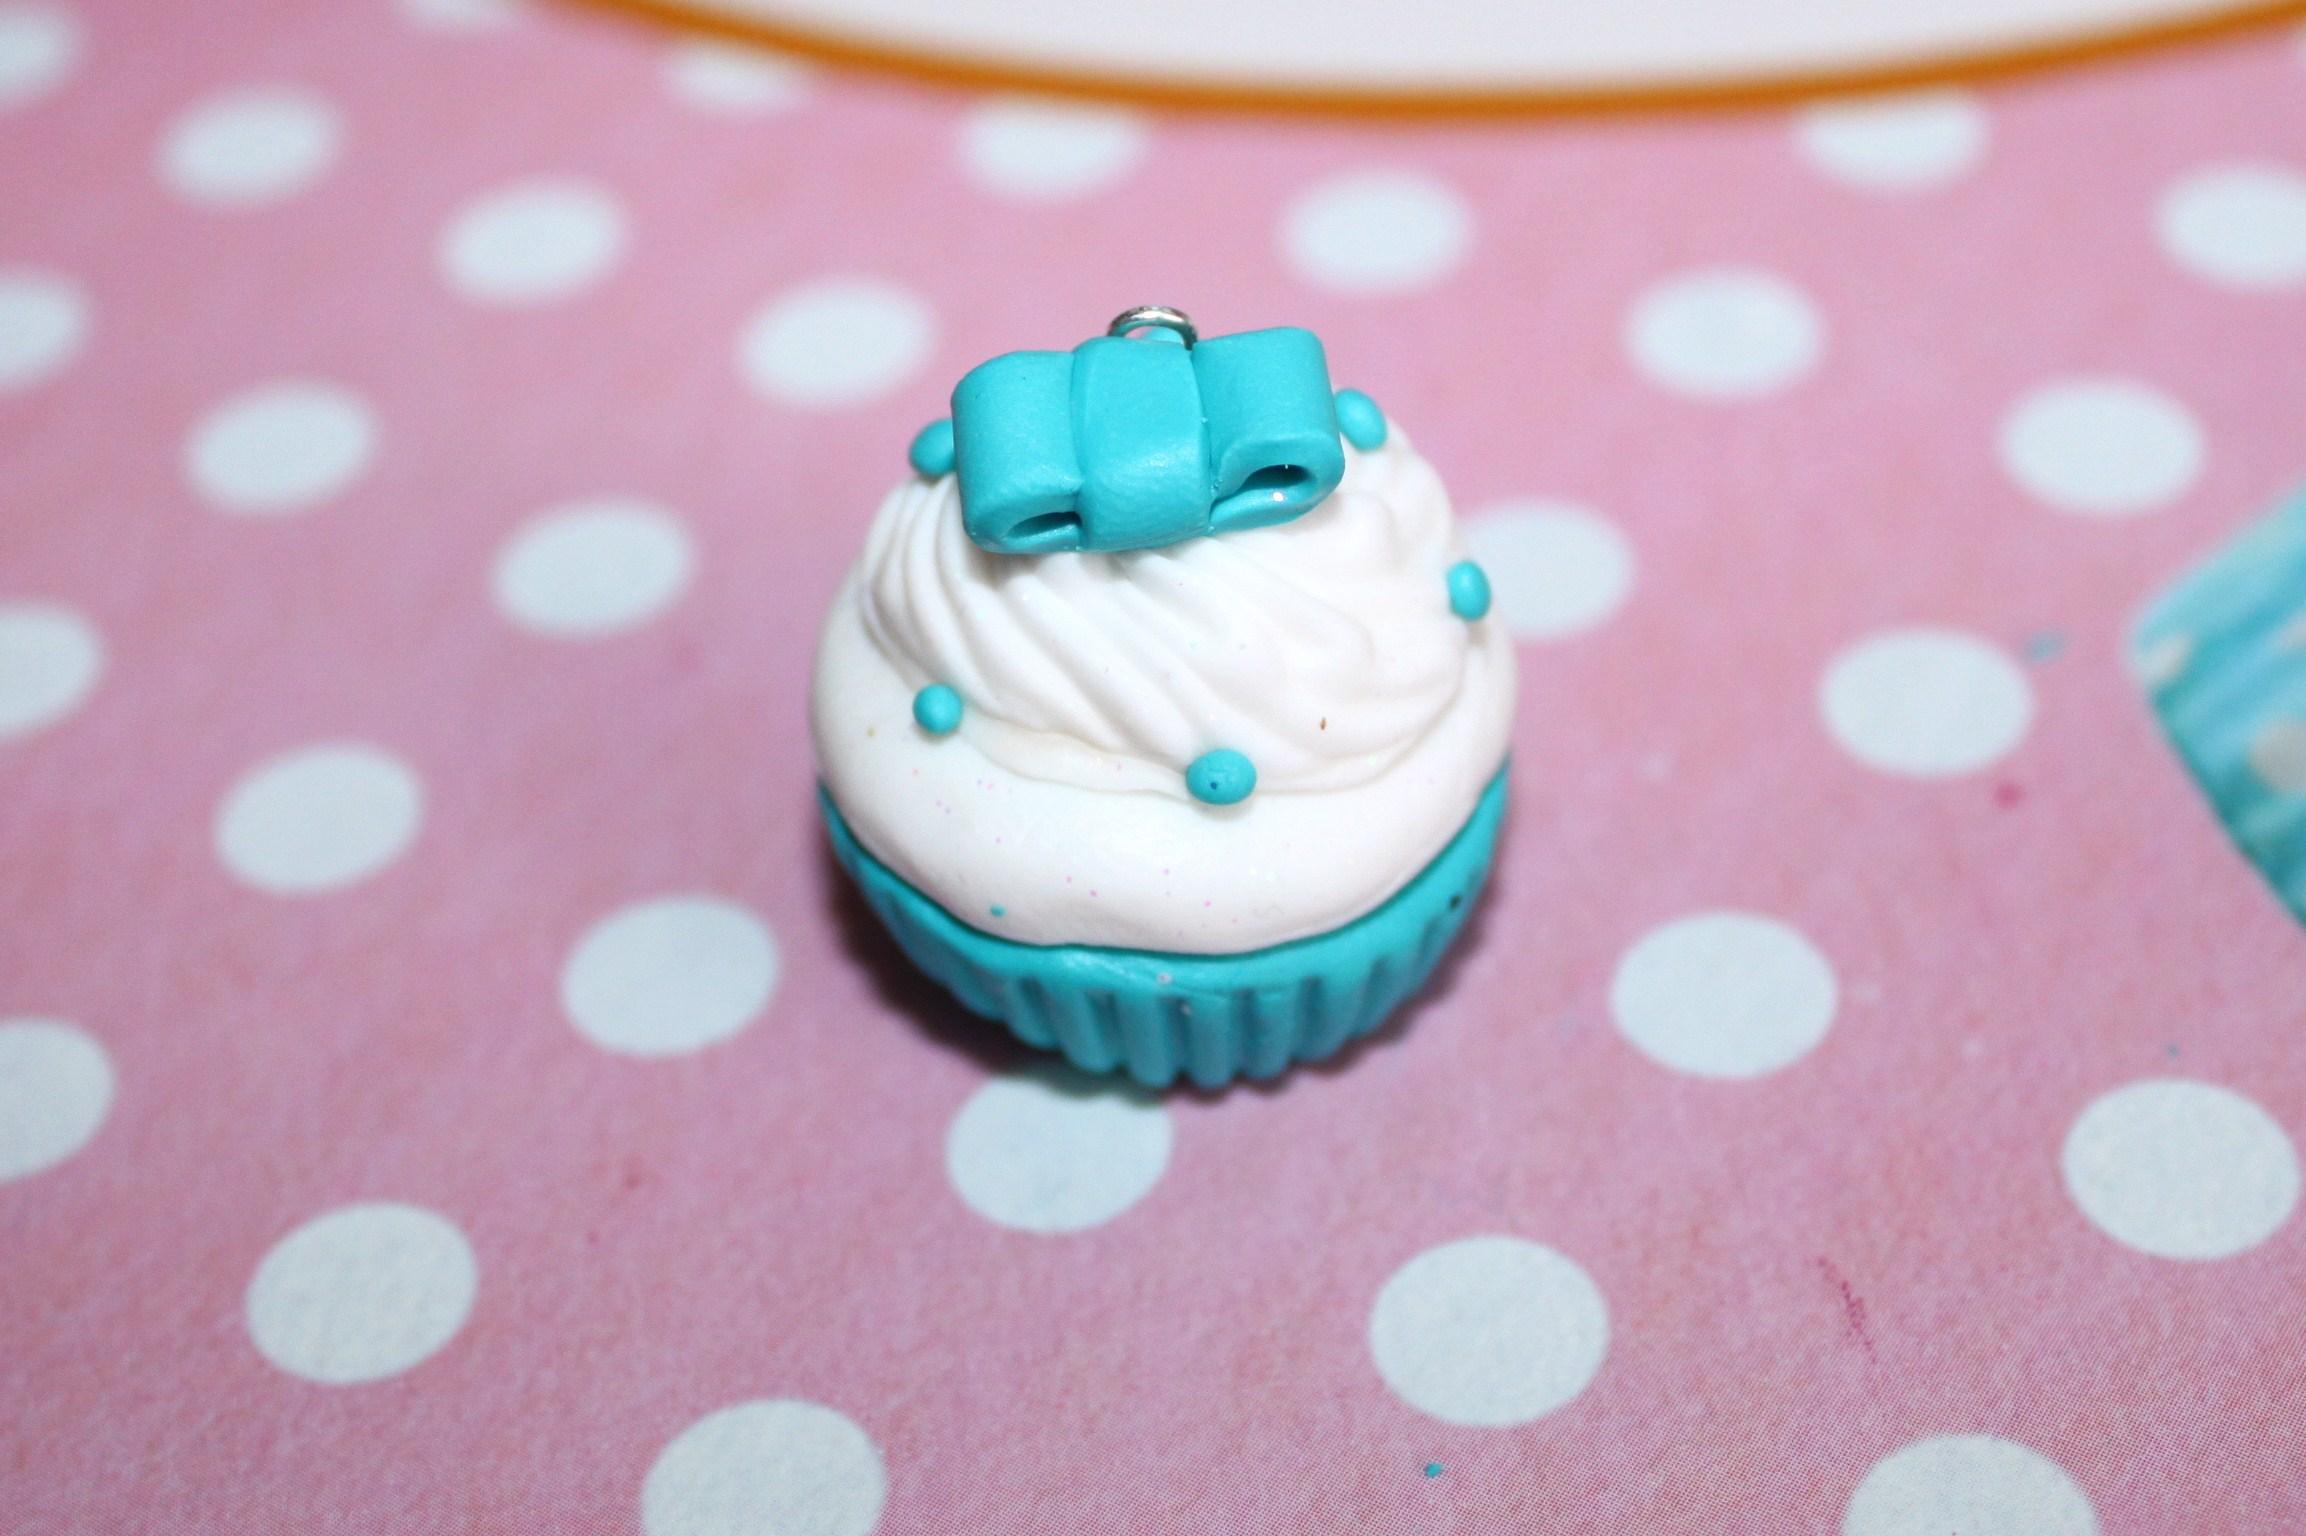 Diy cr er un cupcake en p te fimo la fabricamania - Modele de pate fimo ...